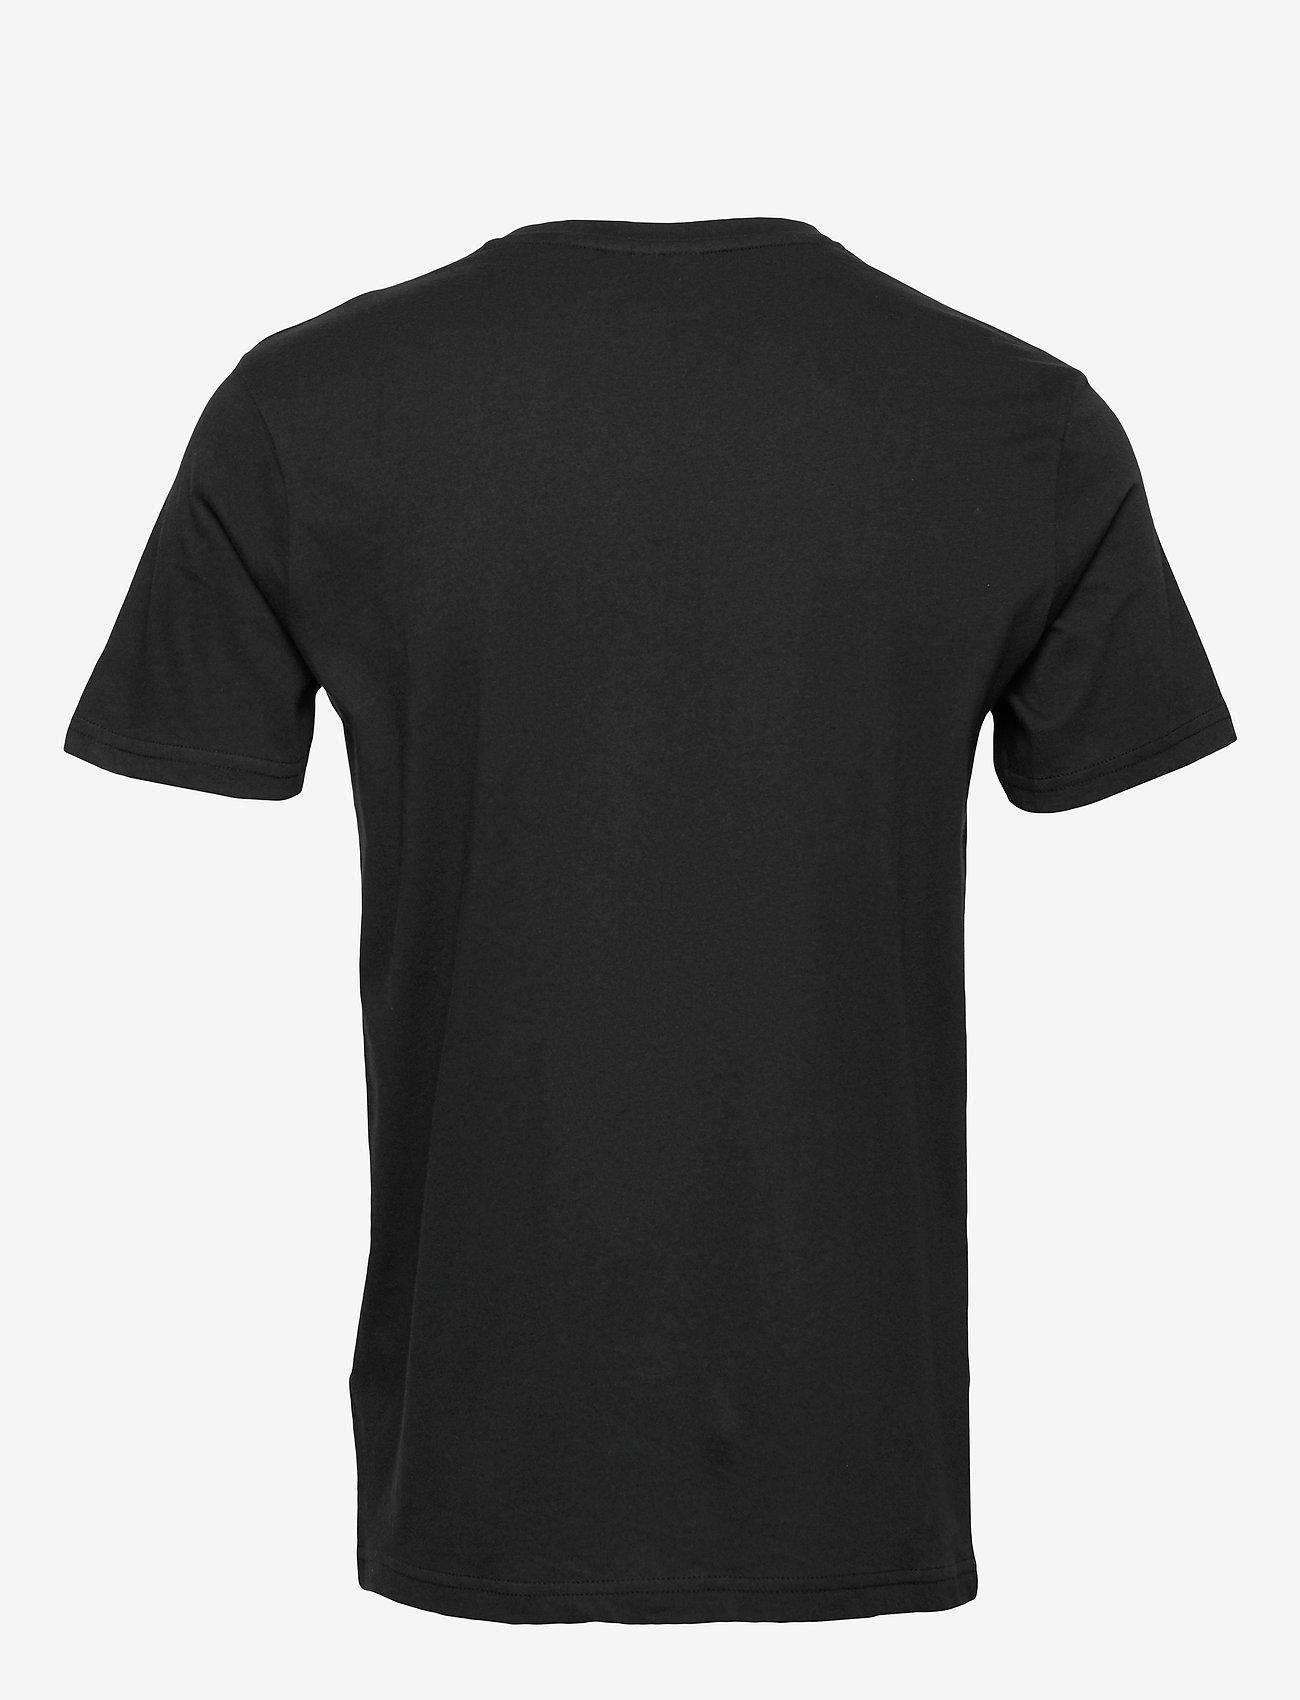 Hummel - hmlPETER T-SHIRT S/S - t-shirts - black - 1